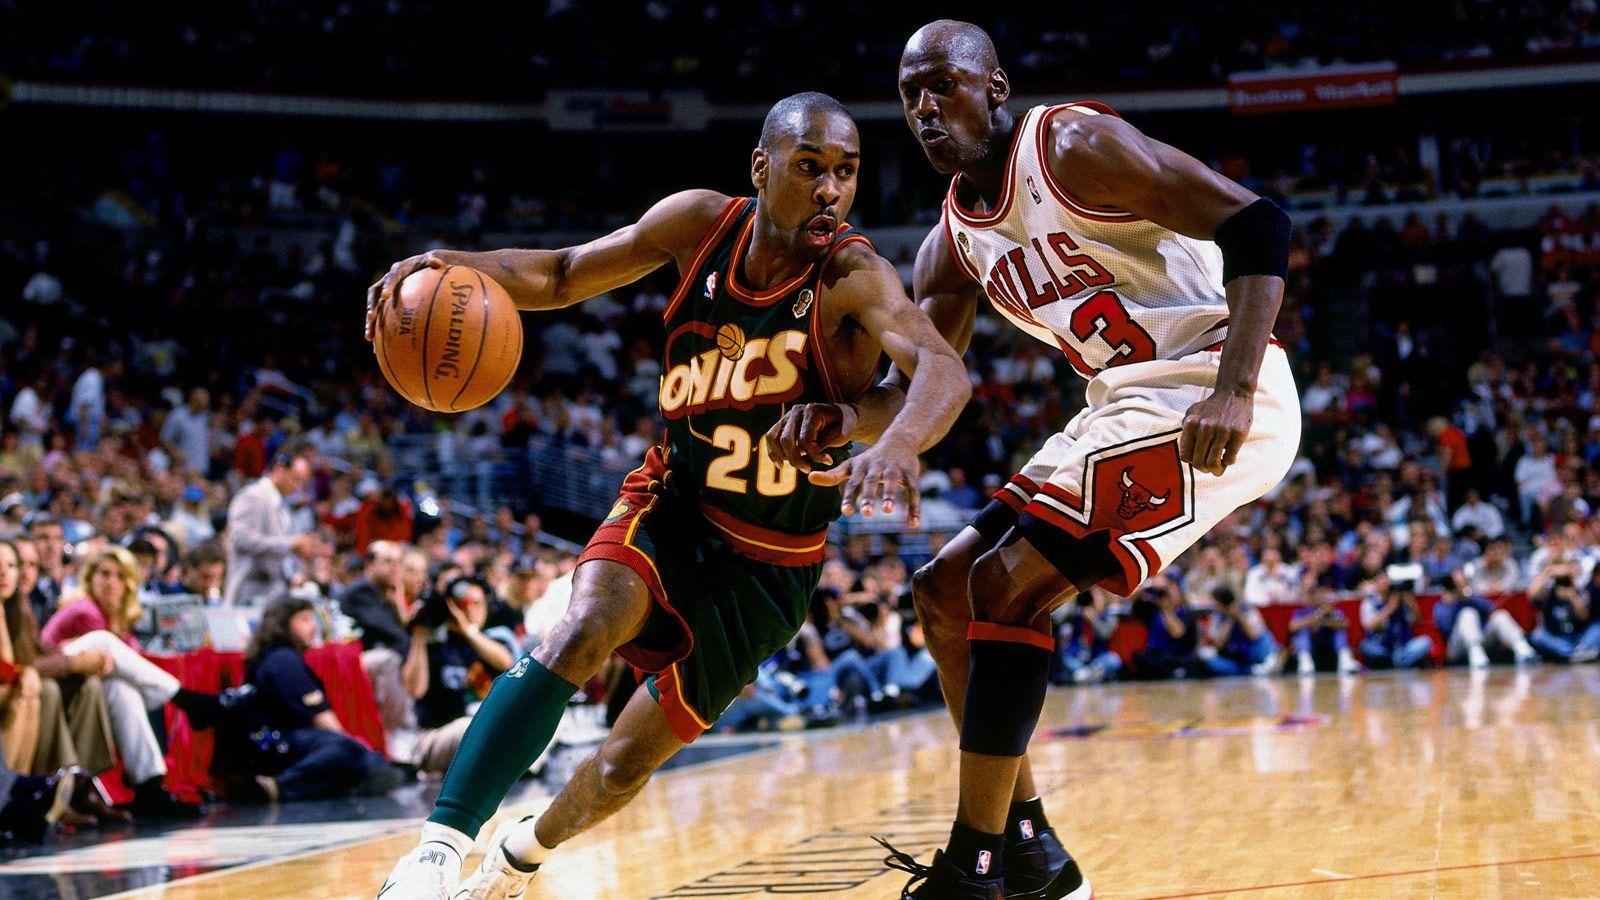 The Glove face à Jordan lors de la finale 1996